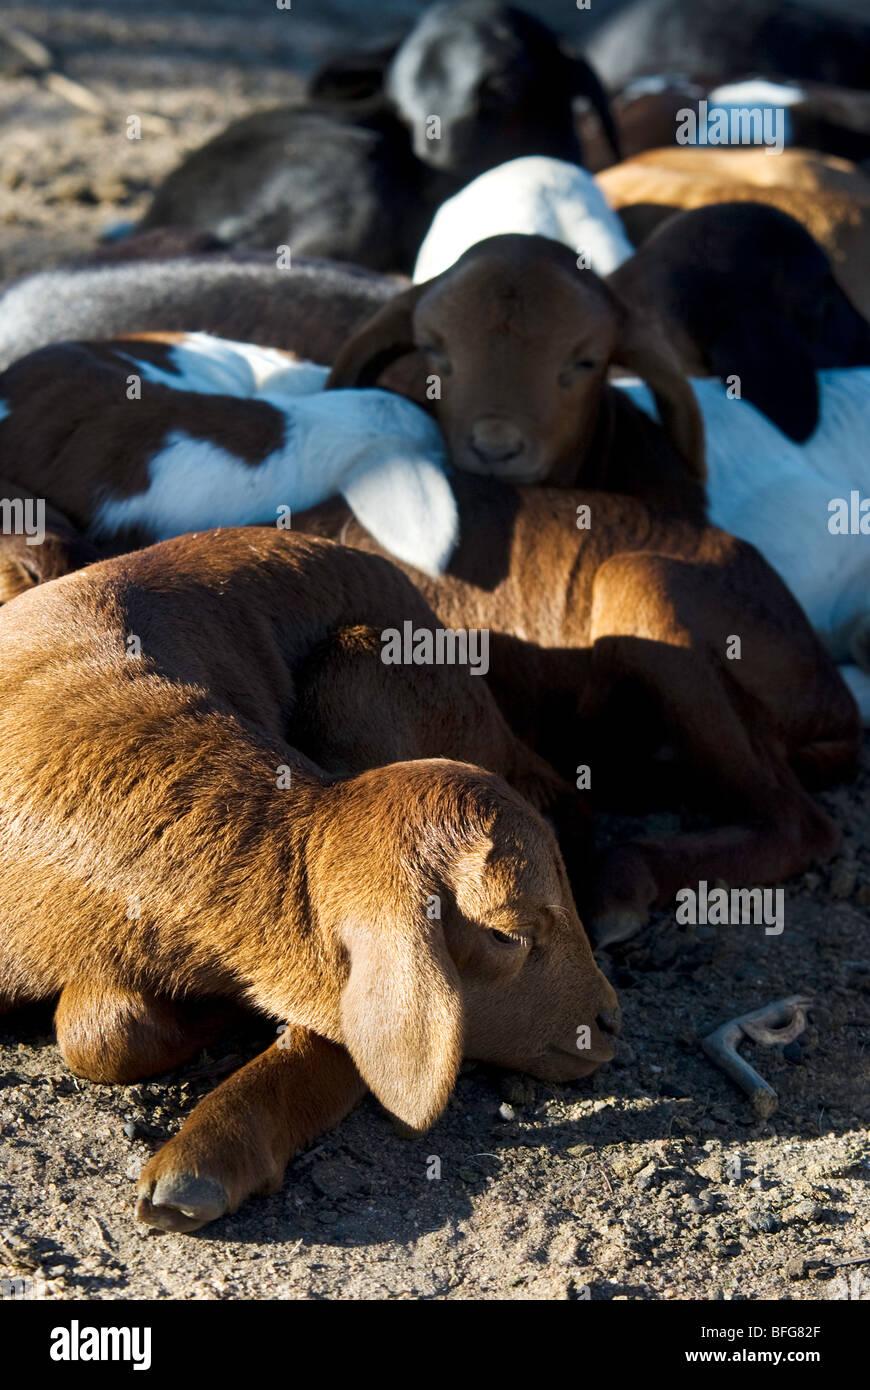 baby goats asleep - Stock Image